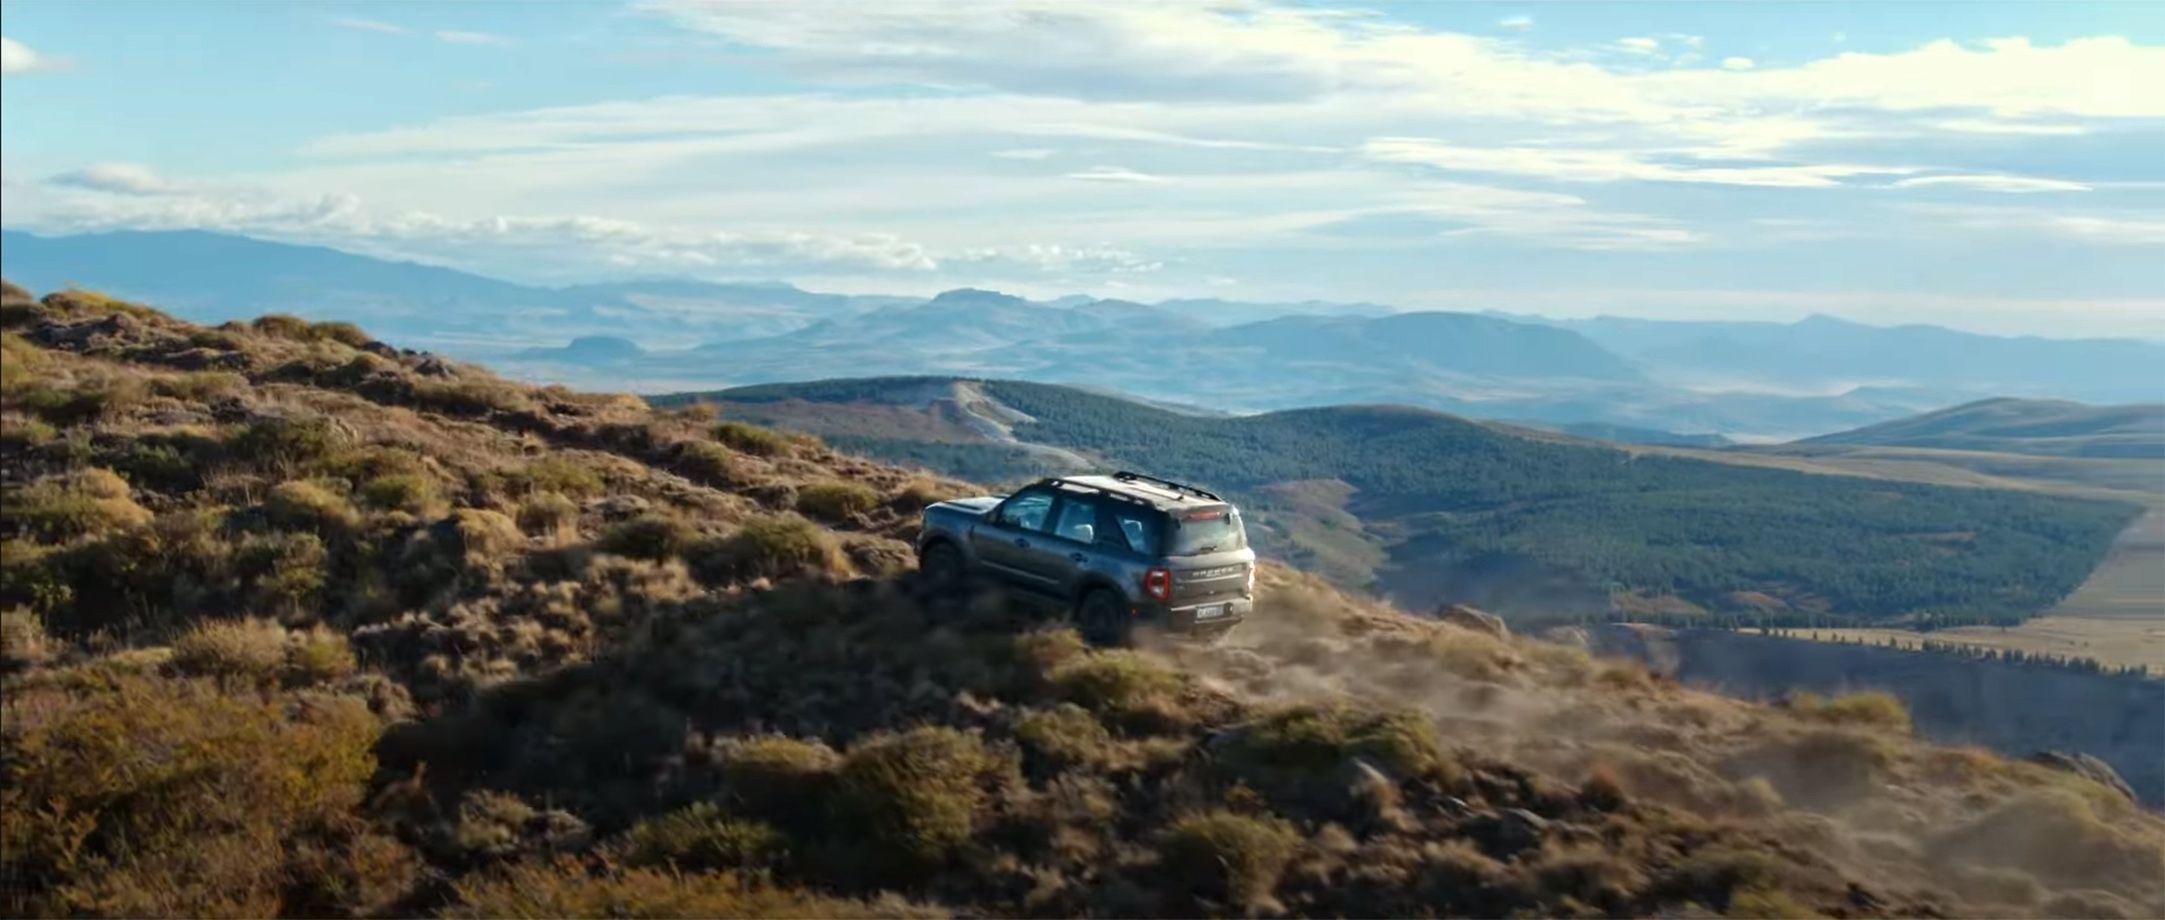 Ford Venezuela presenta la campaña regional de lanzamiento de Bronco Sport, que destaca la versatilidad del nuevo SUV